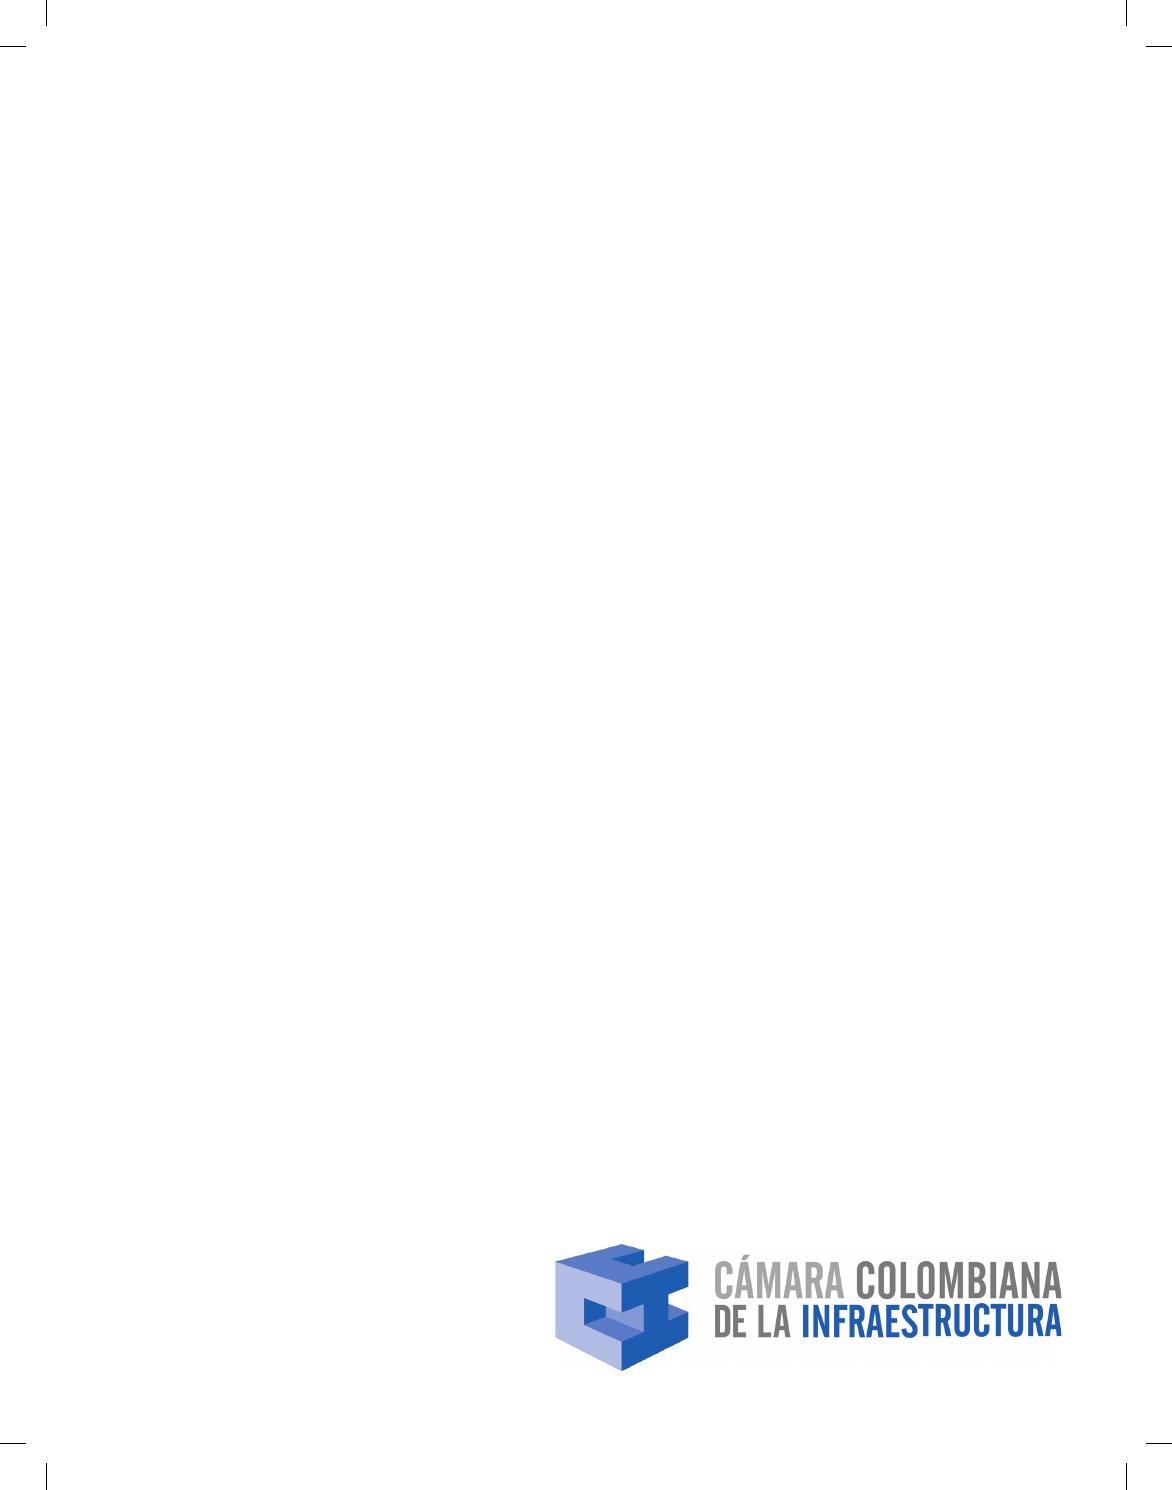 Final directorio by Cámara Colombiana de la Infraestructura - issuu